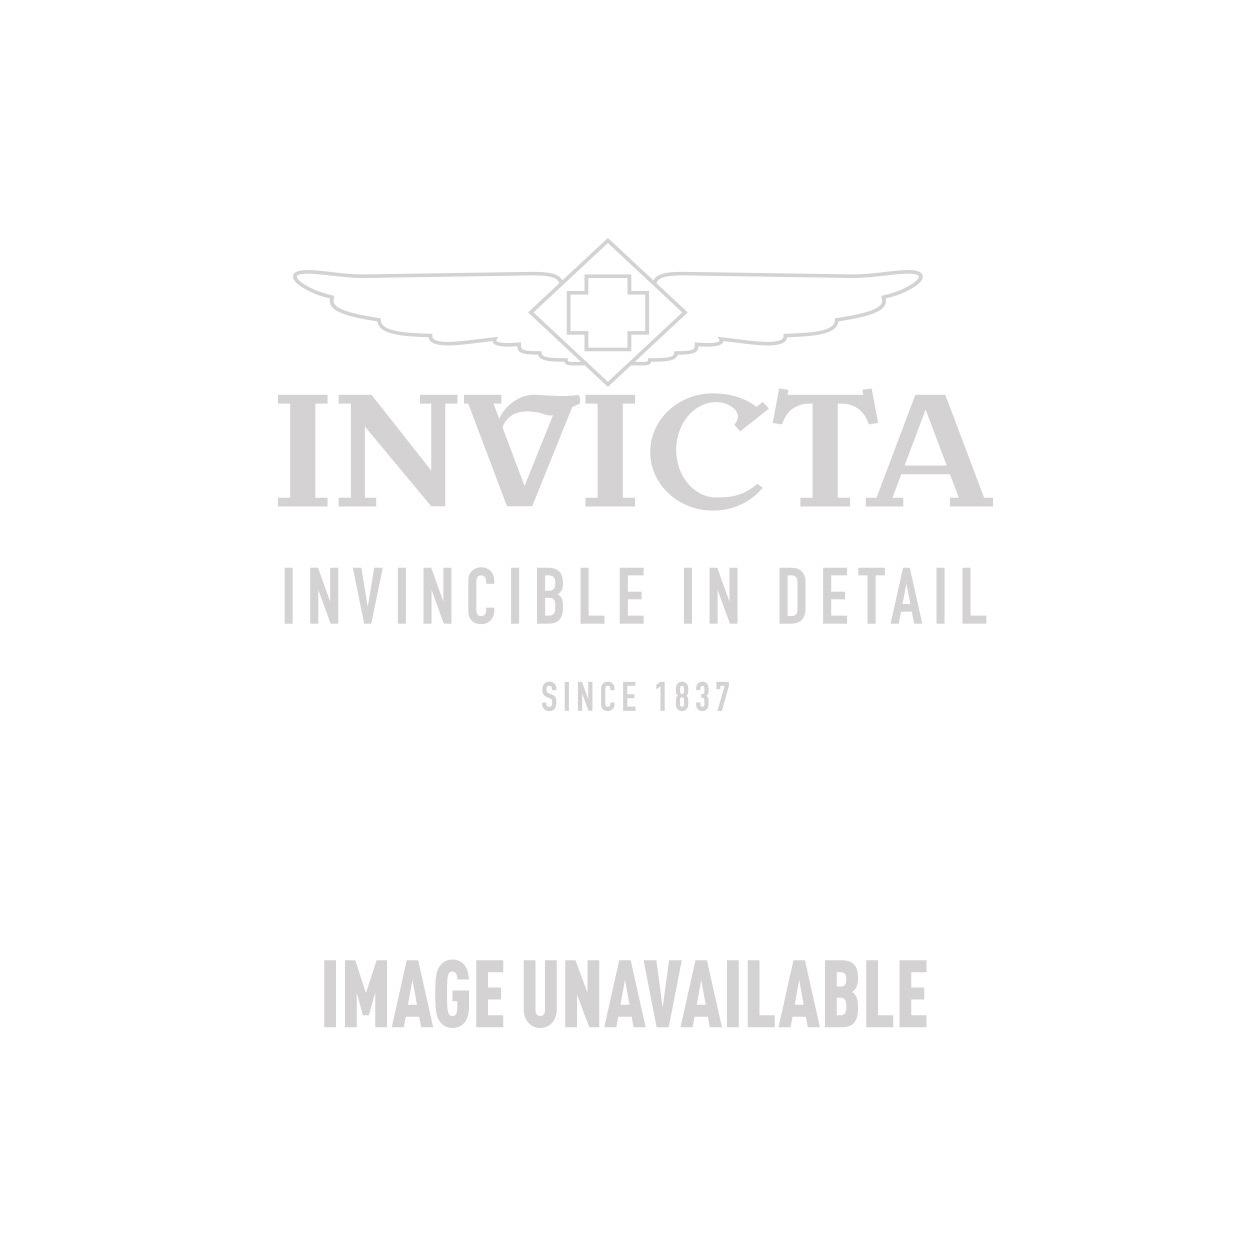 Invicta Model 29676